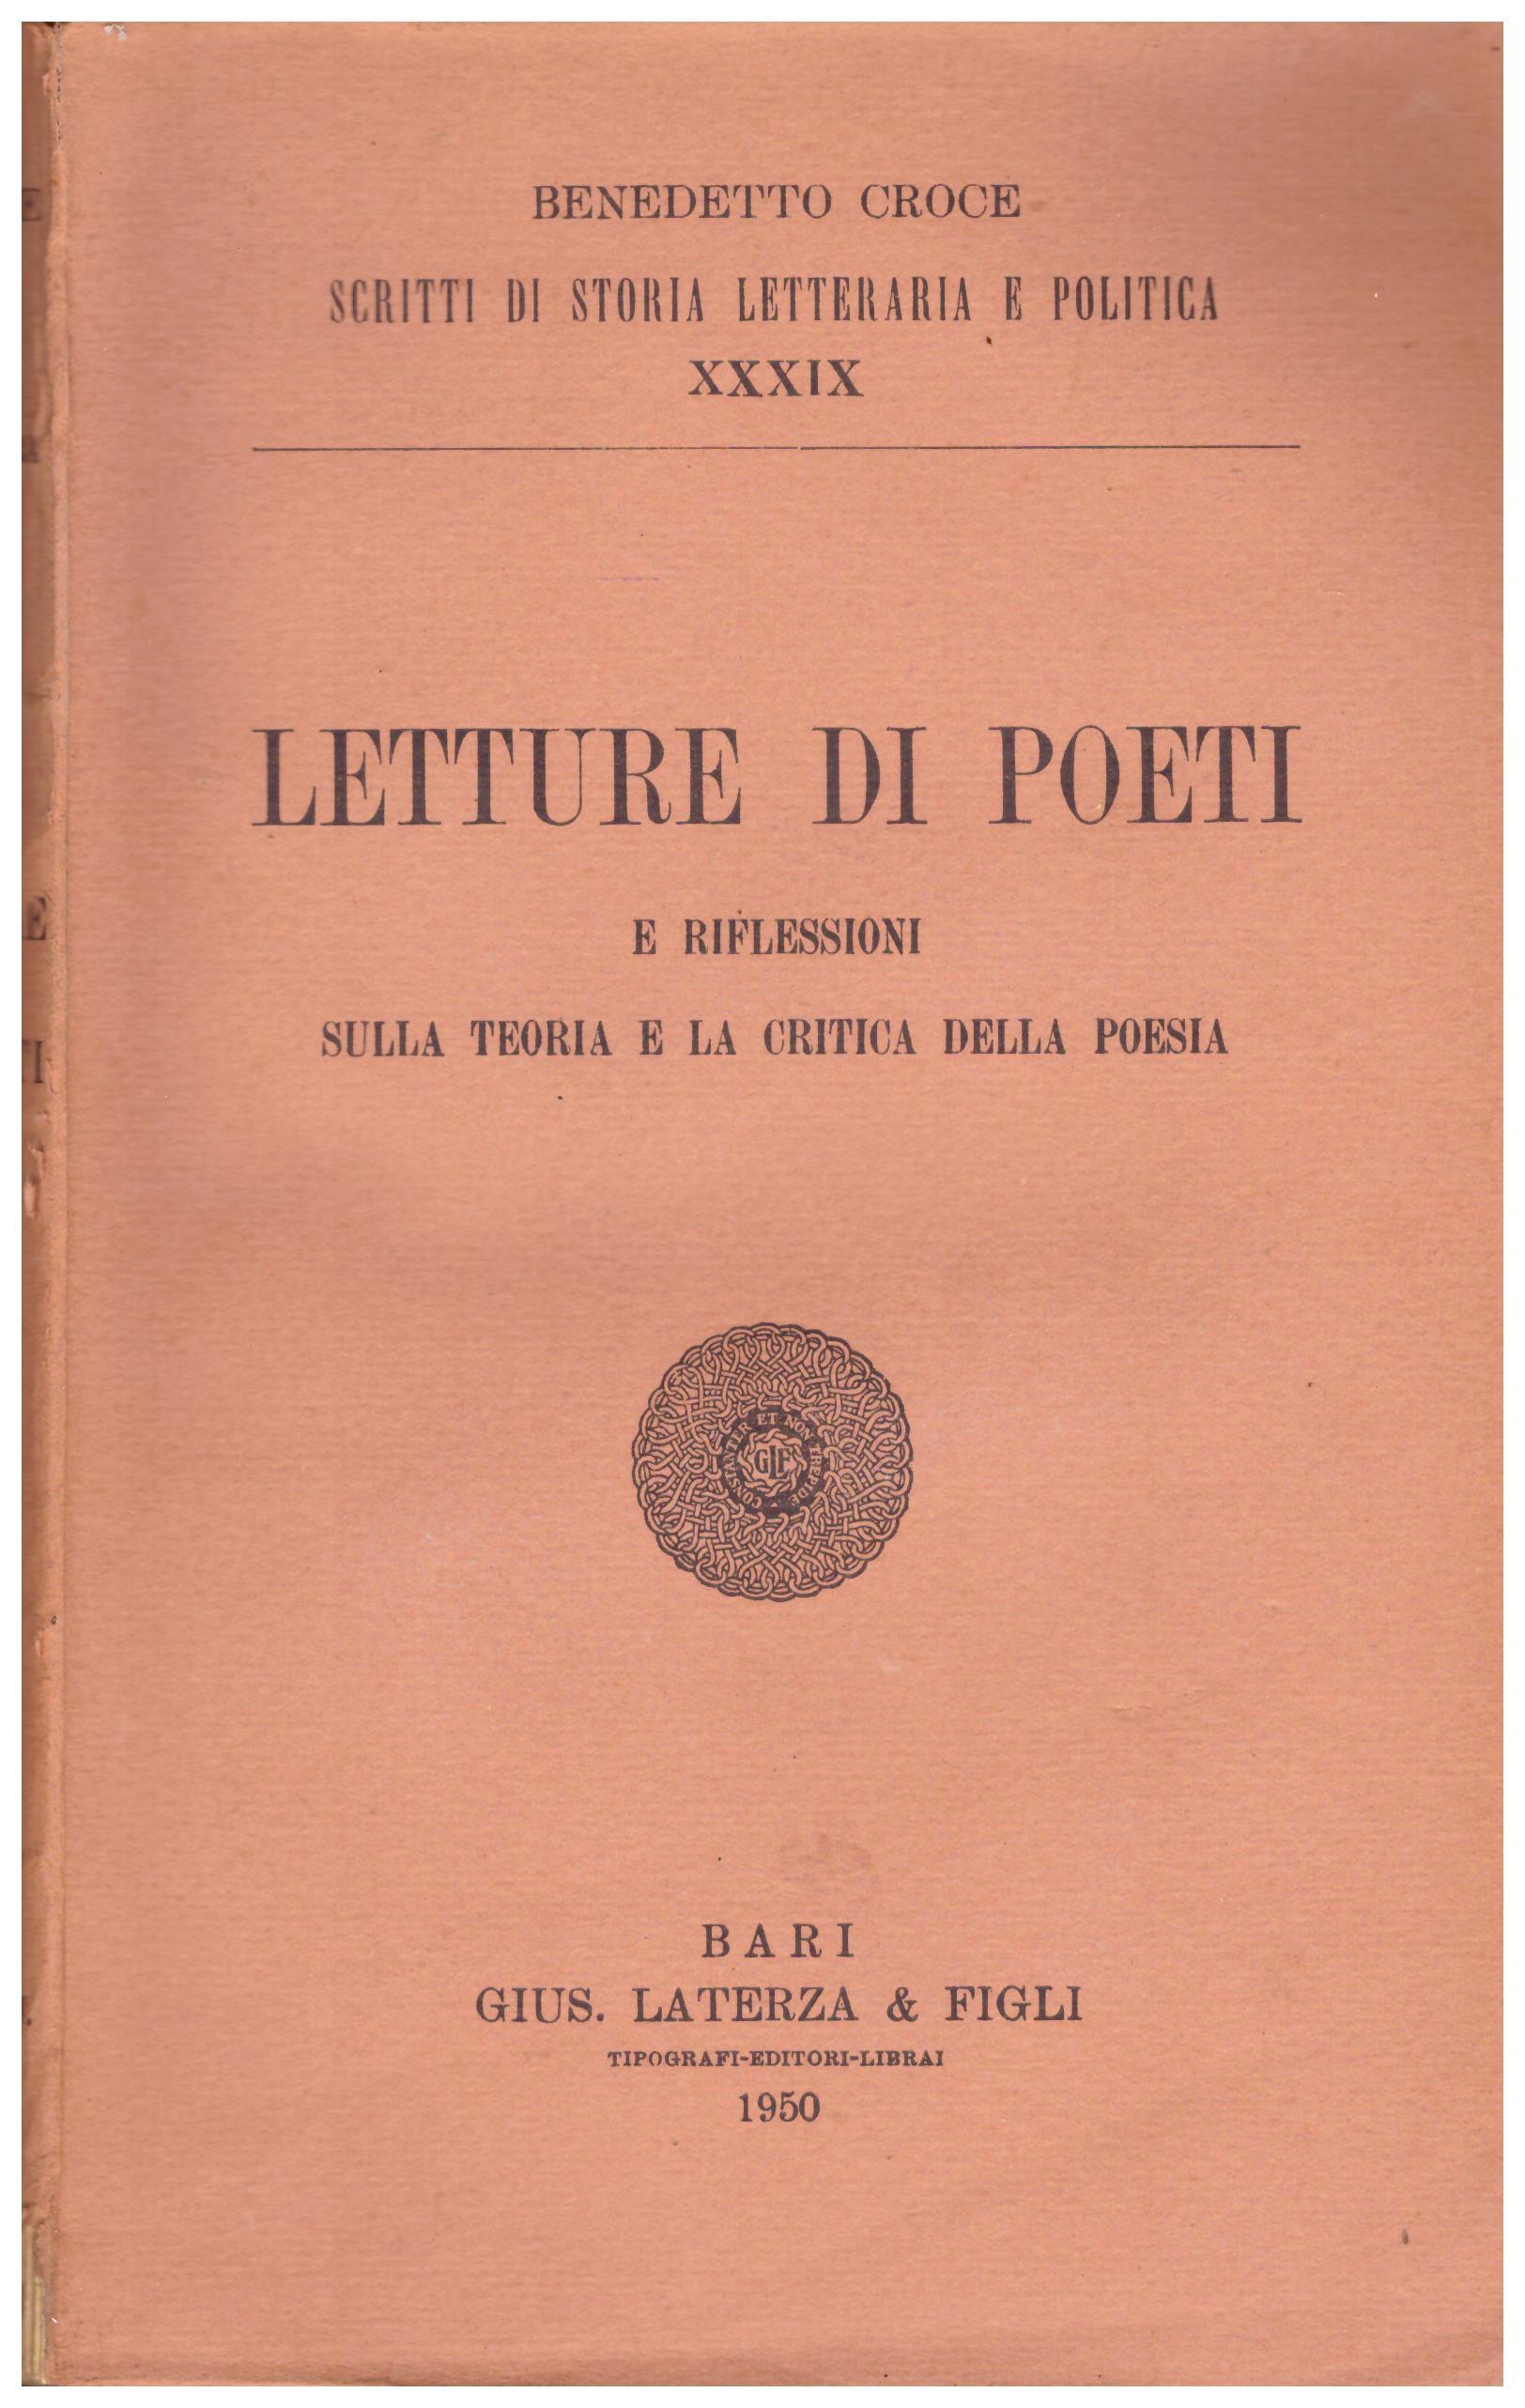 Titolo: Letture di poeti Autore: Benedetto Croce Editore: Laterza, Bari, 1950